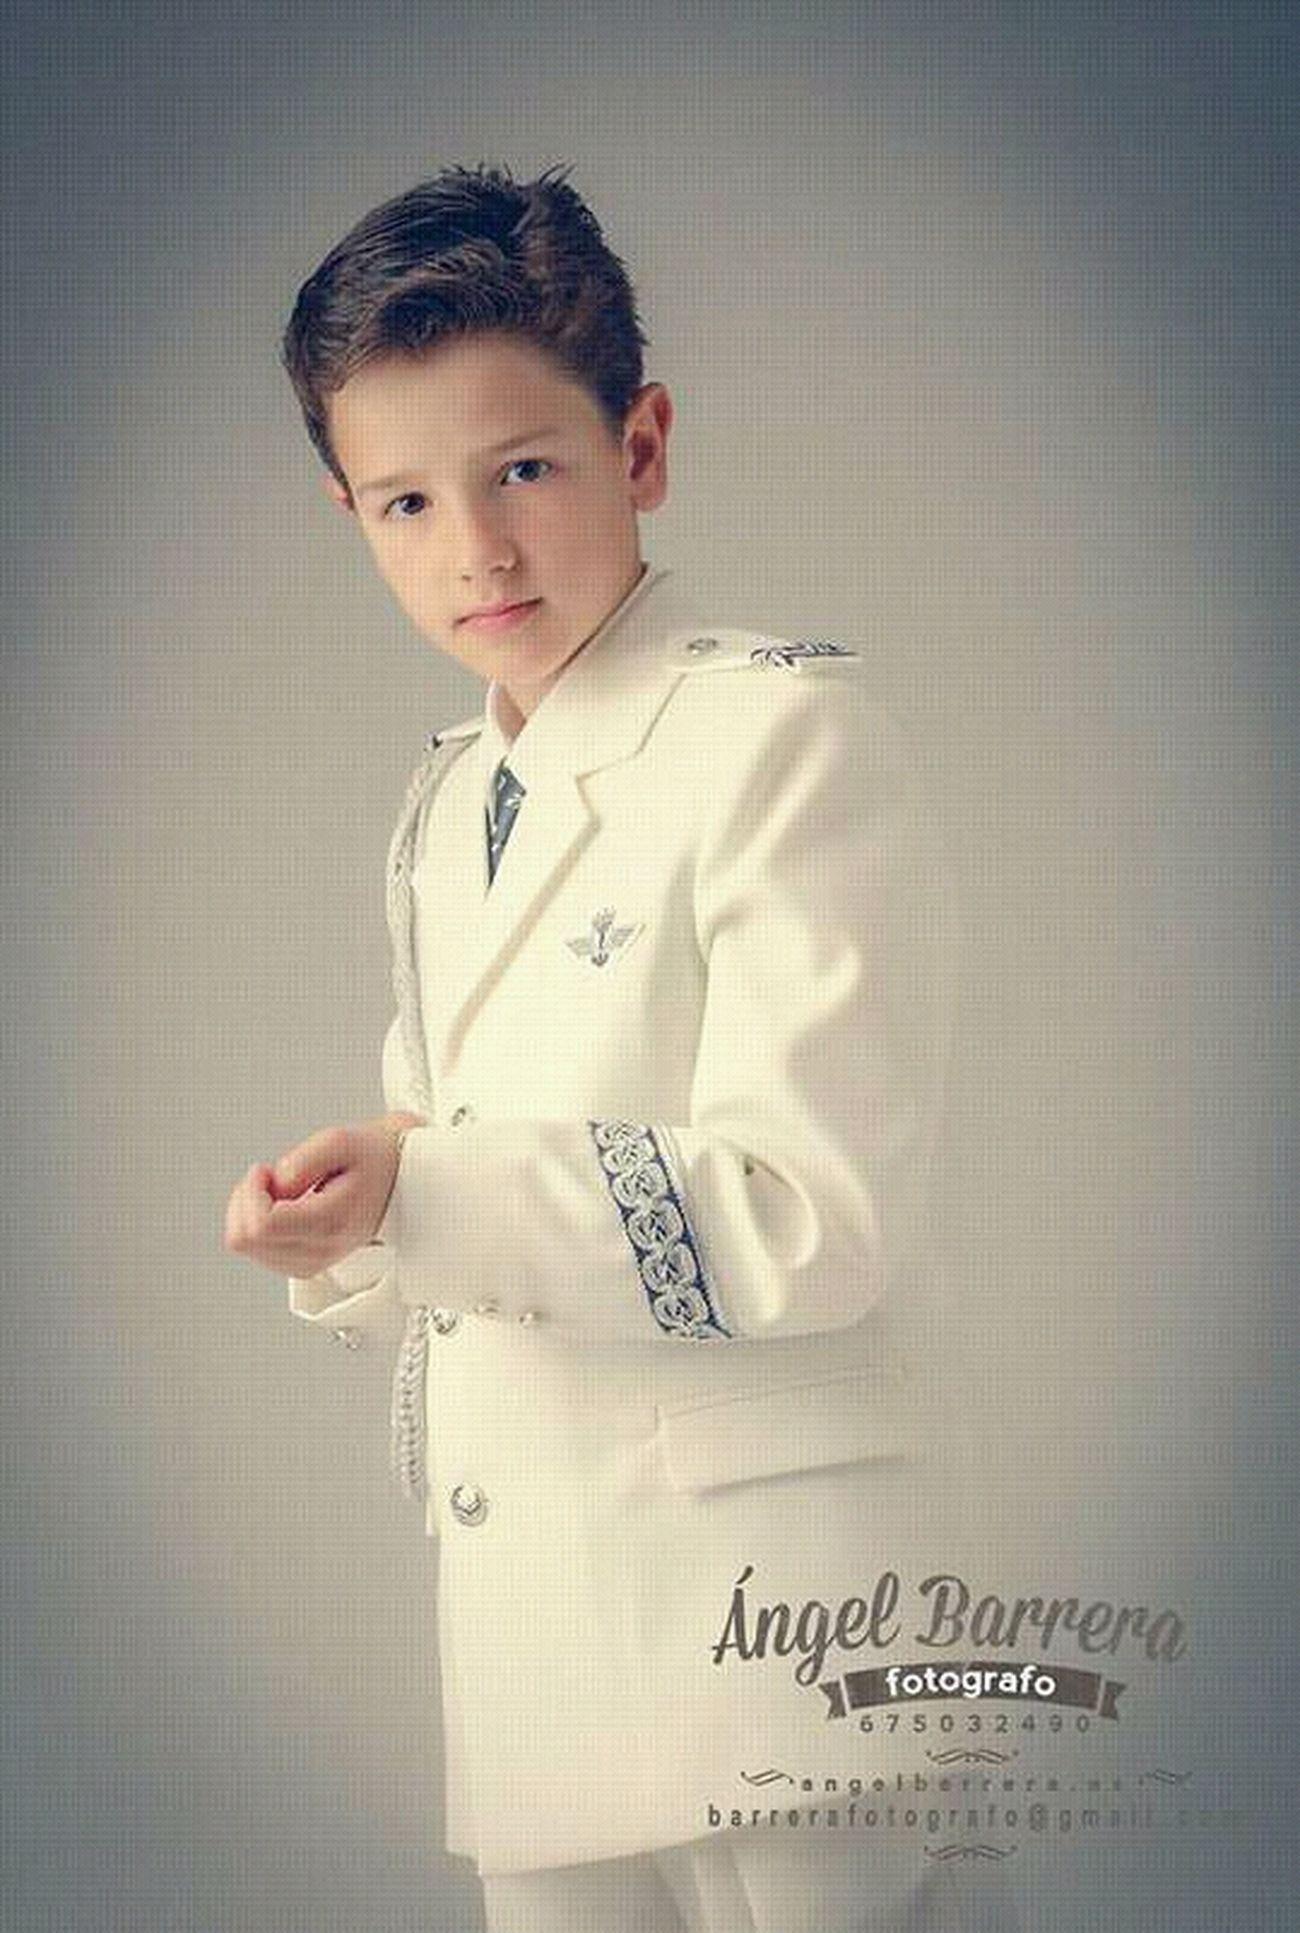 David Comunion Estudio Fotografía Infantil Fotografía De Estudio Retrato